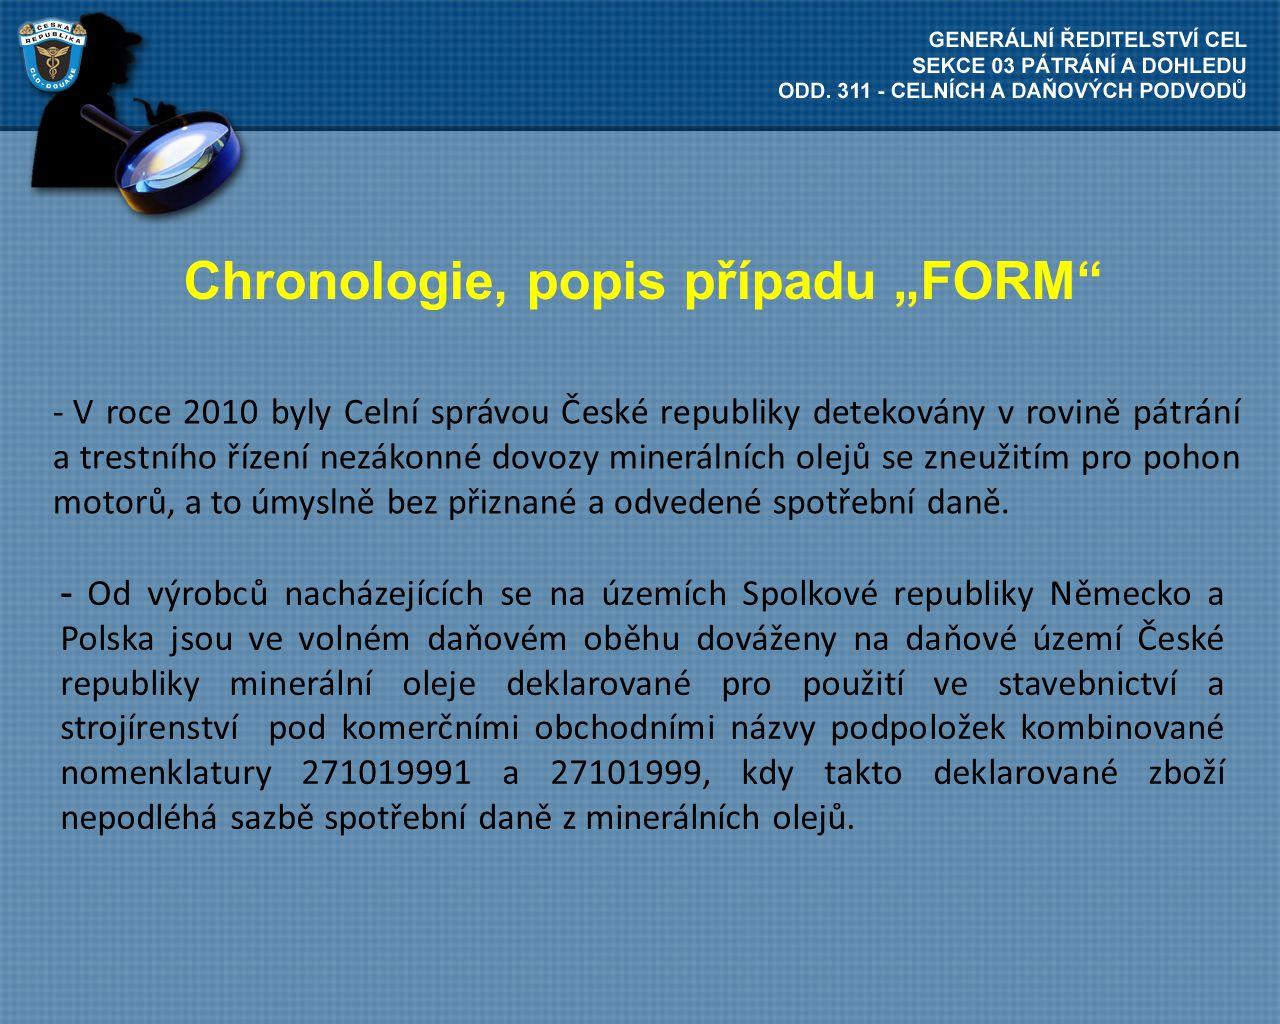 """Chronologie, popis případu """"FORM"""